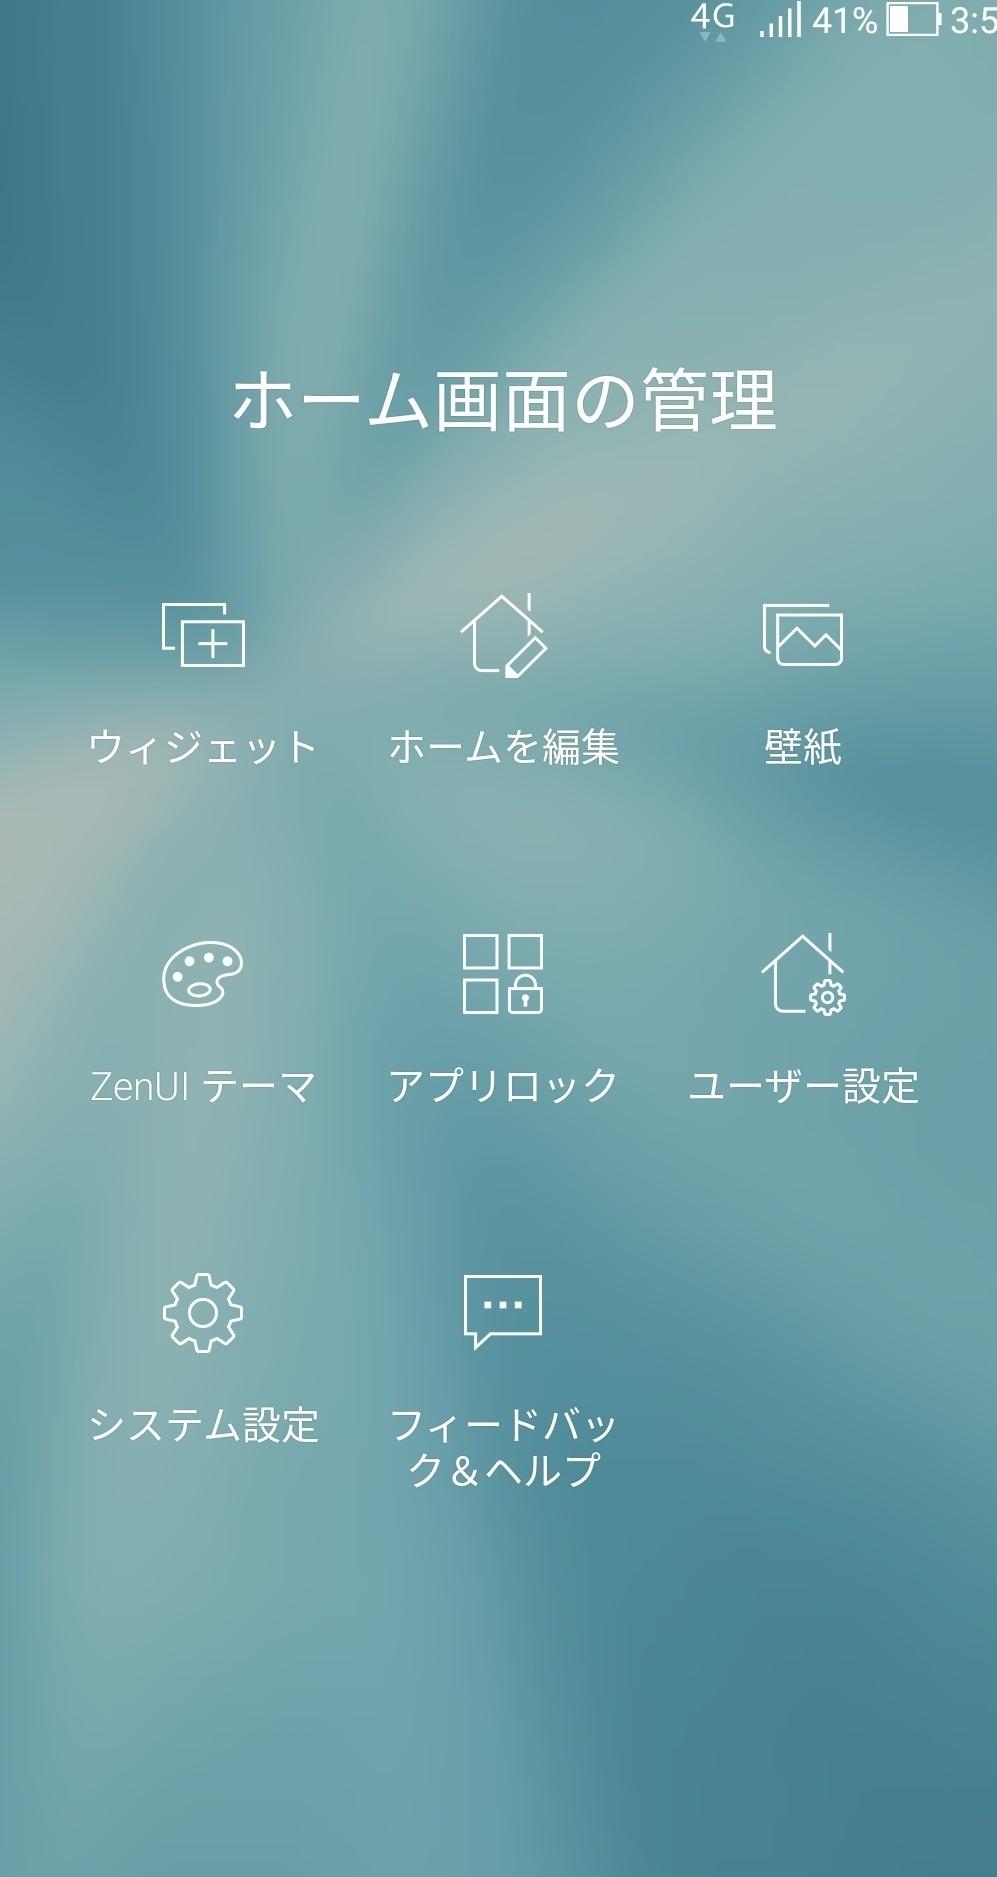 スマホ操作 スクリーンショット画像ホーム画面長押しで表示